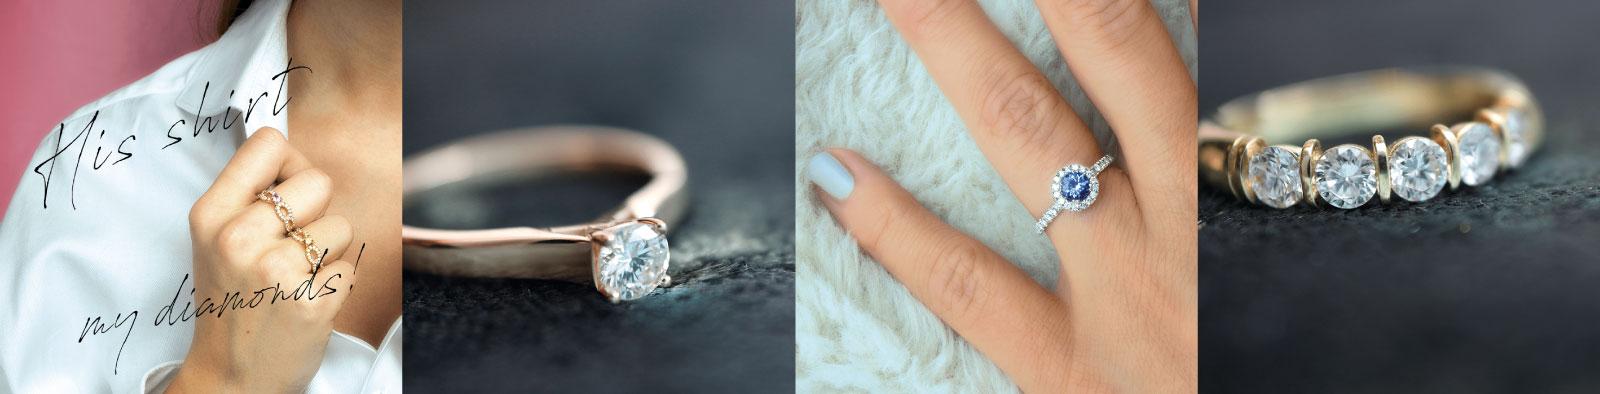 Groeibriljant-ringen-Woters-Juweliers-Coevorden-Emmen